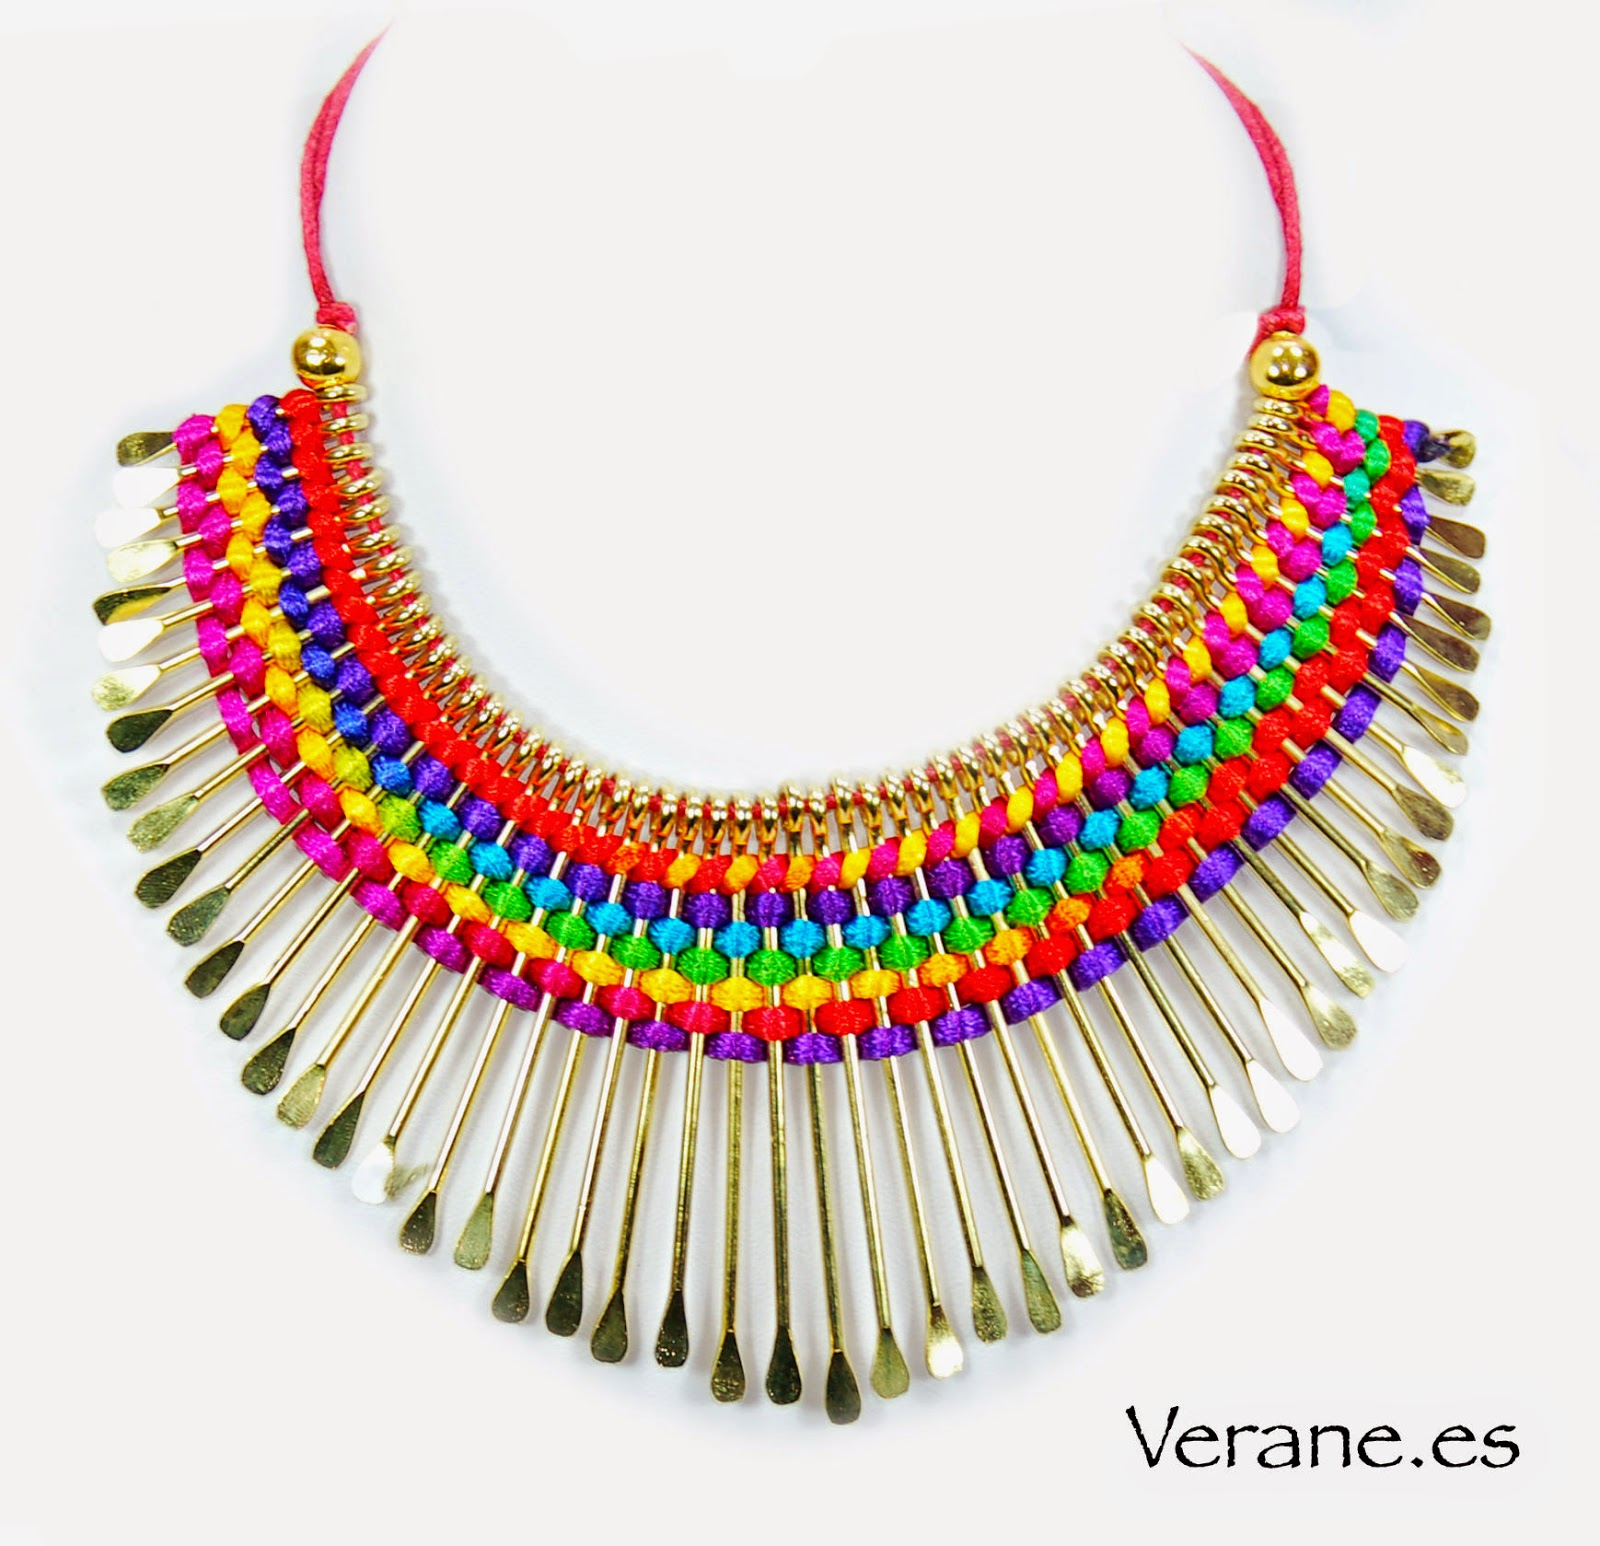 7036ce9c203c Si quieres comprar estos maxi-collares o ver muchos más sólo tienes que  hacer click en el carrito de compra